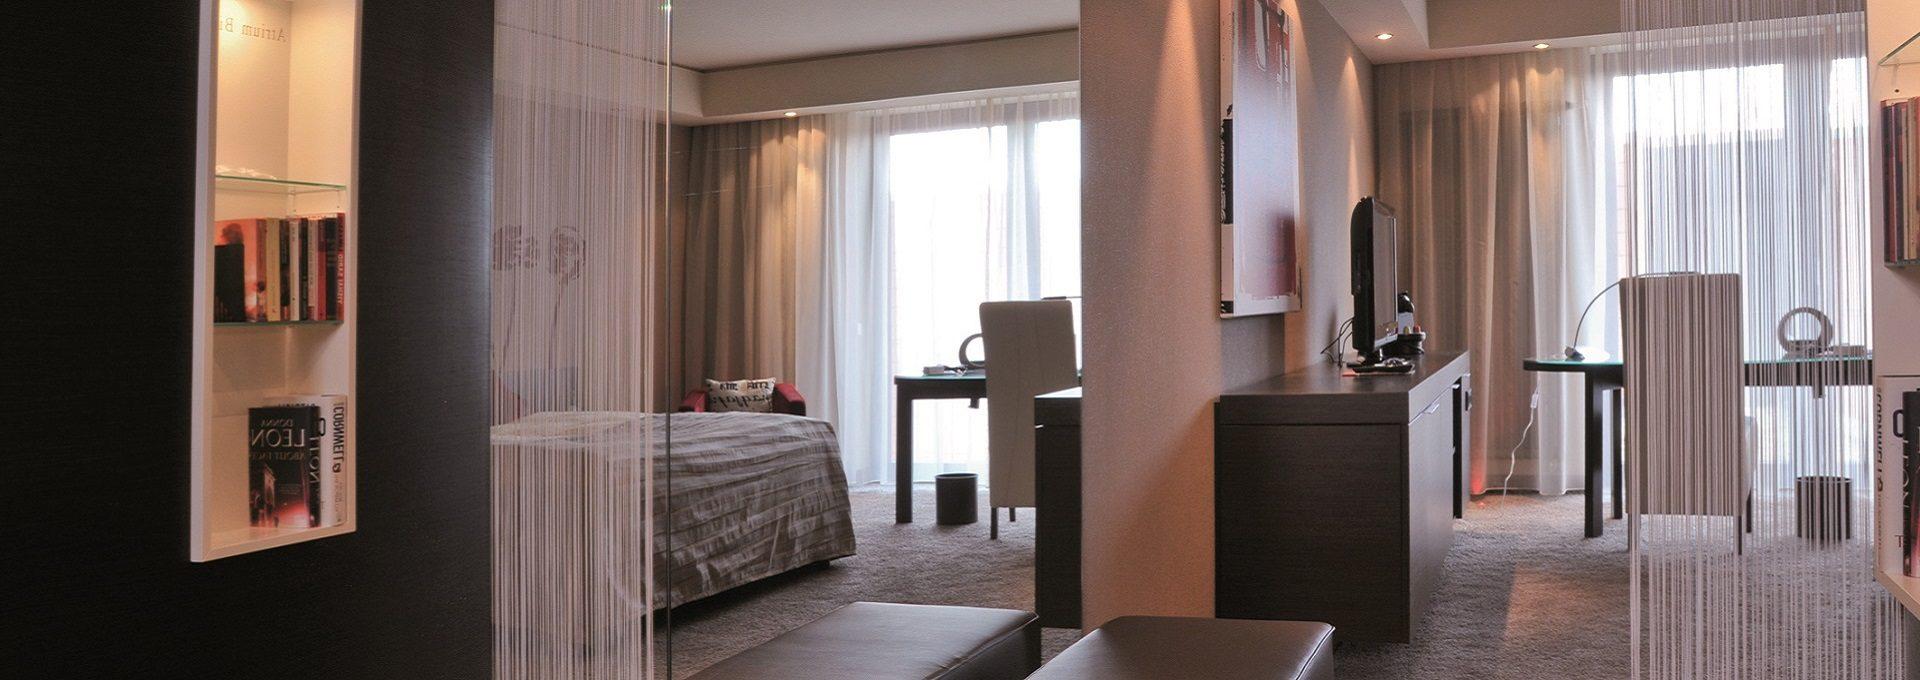 Aufnahme Hotelzimmer